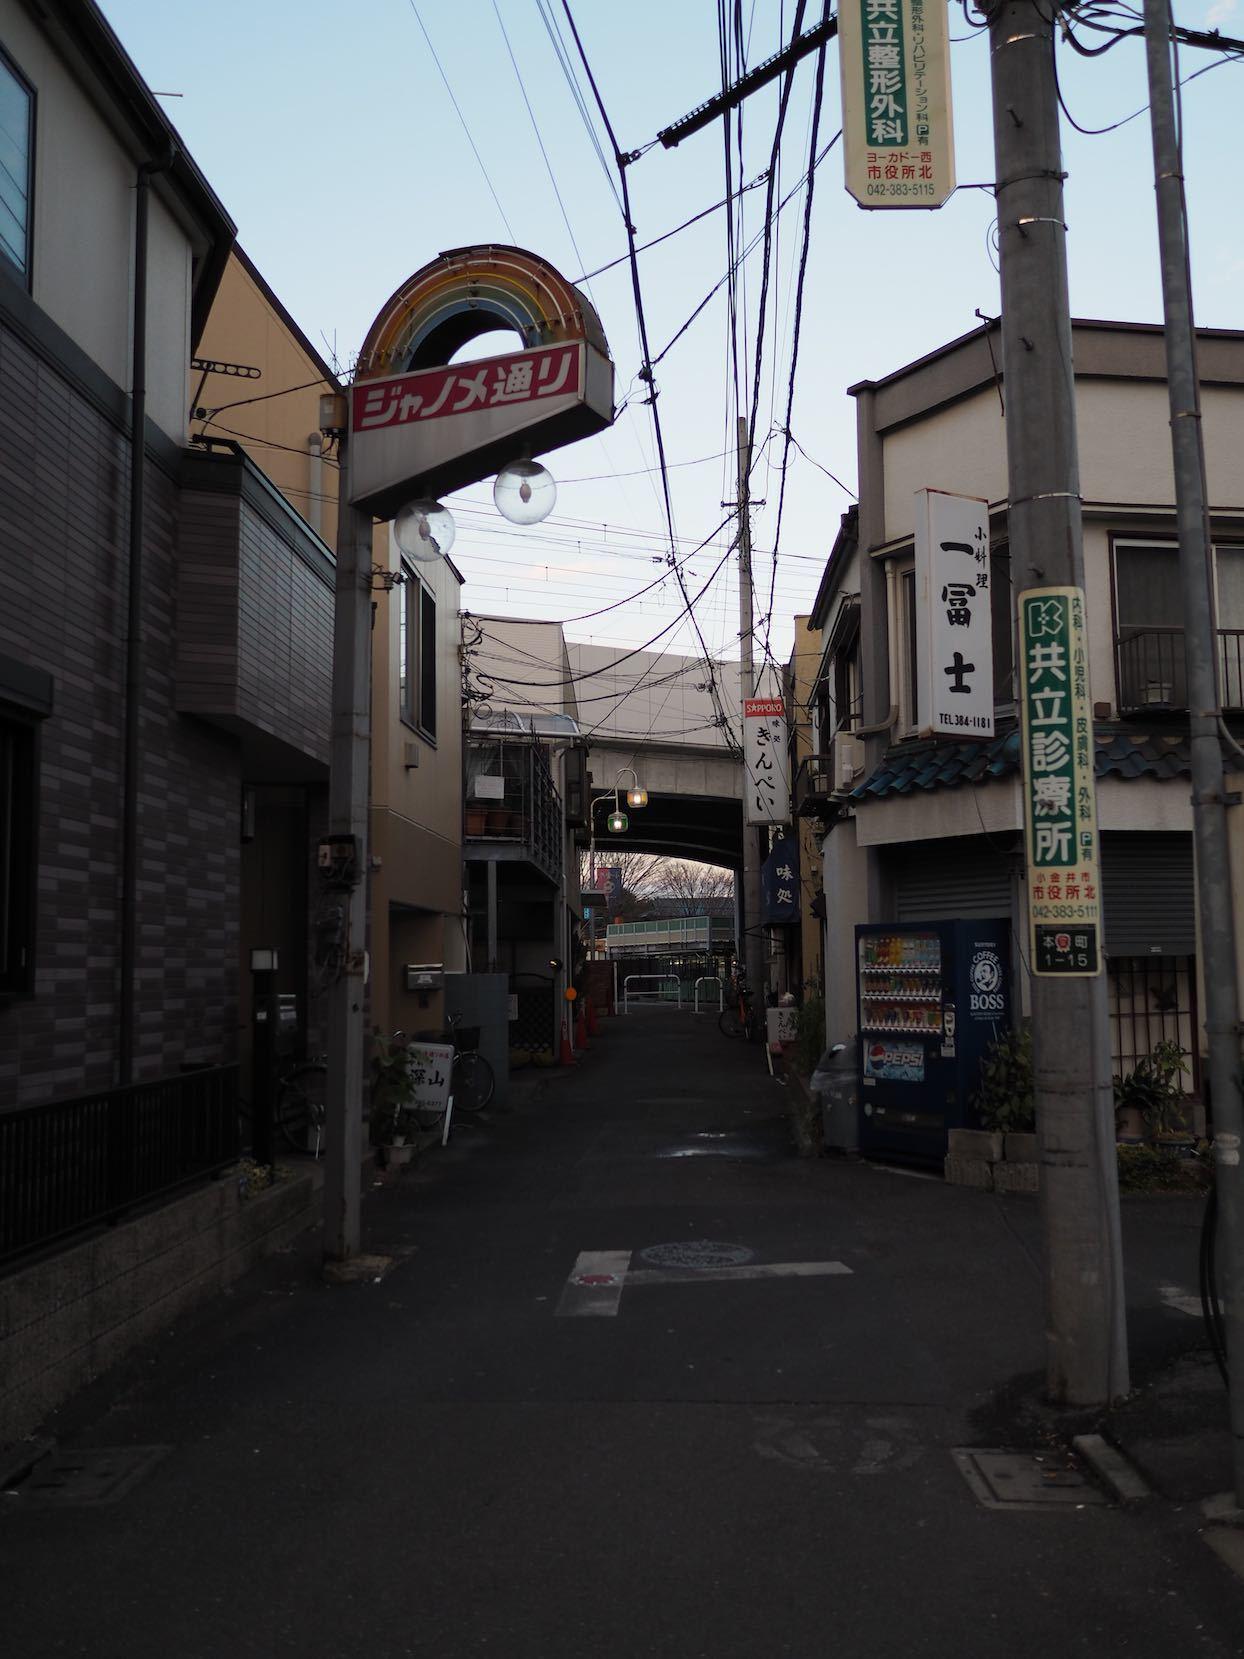 武蔵小金井駅周辺13_b0360240_00001481.jpg